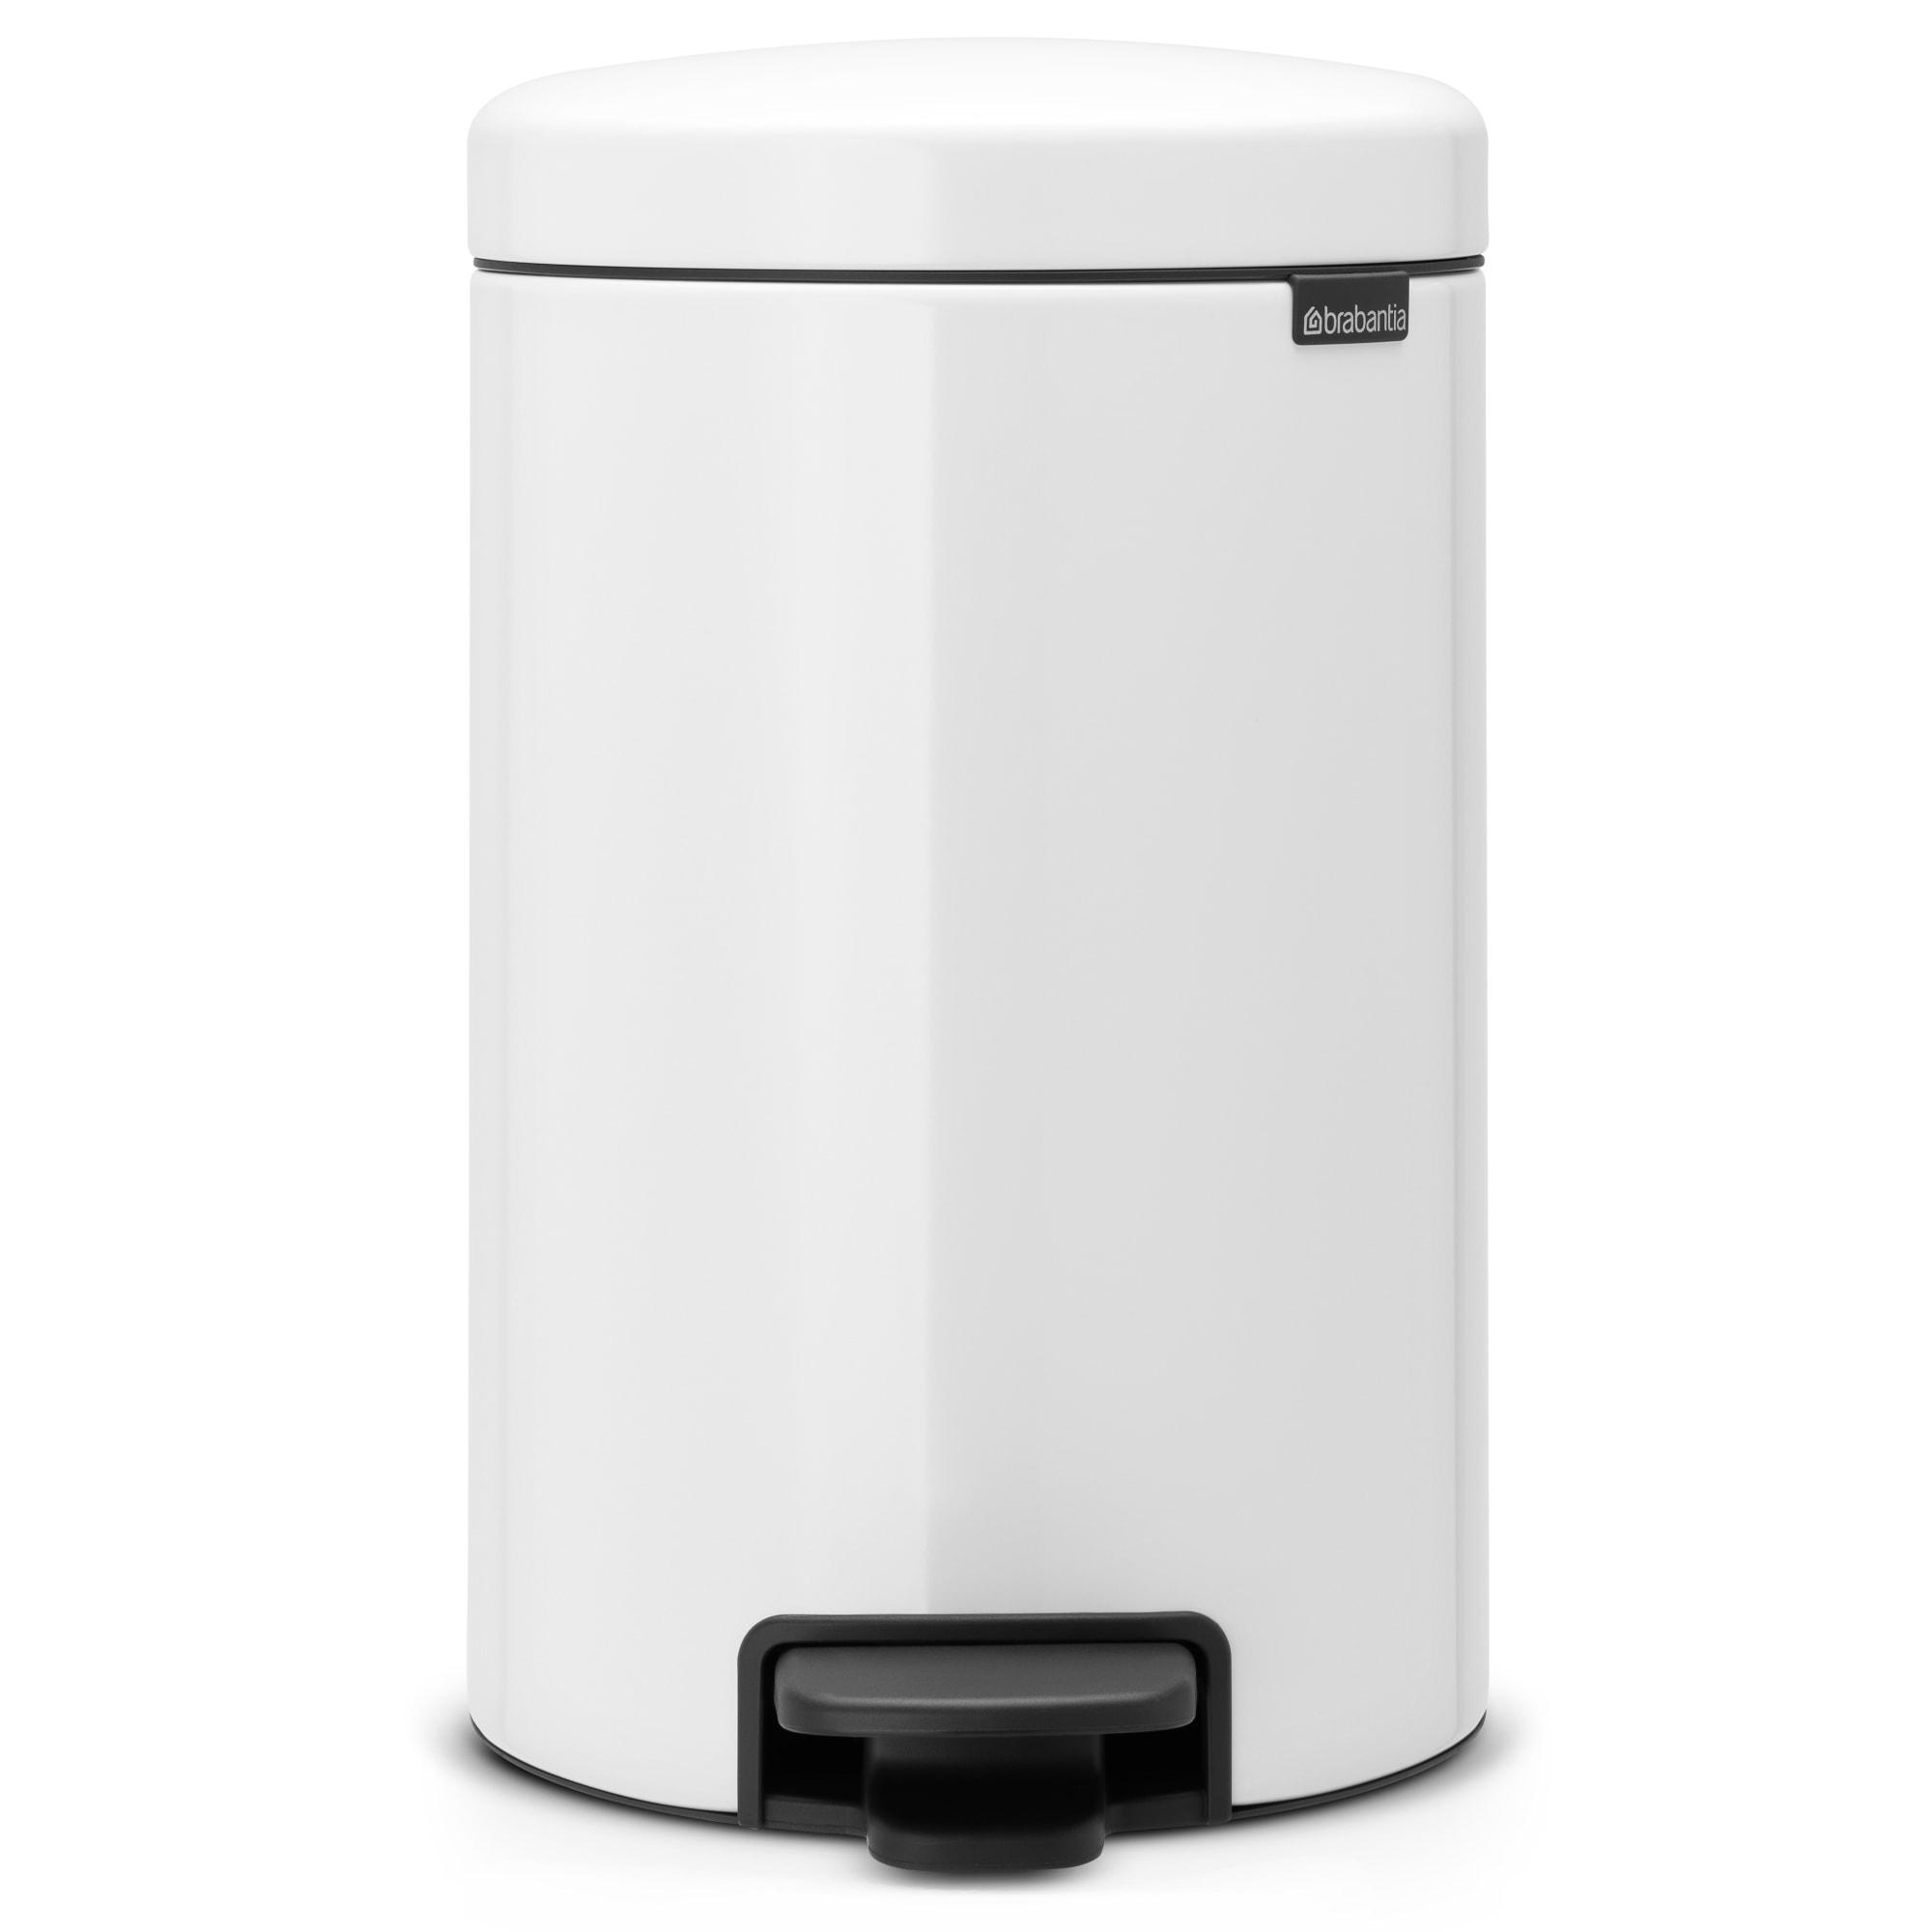 12 liter - Inkl. 5 affaldsposer